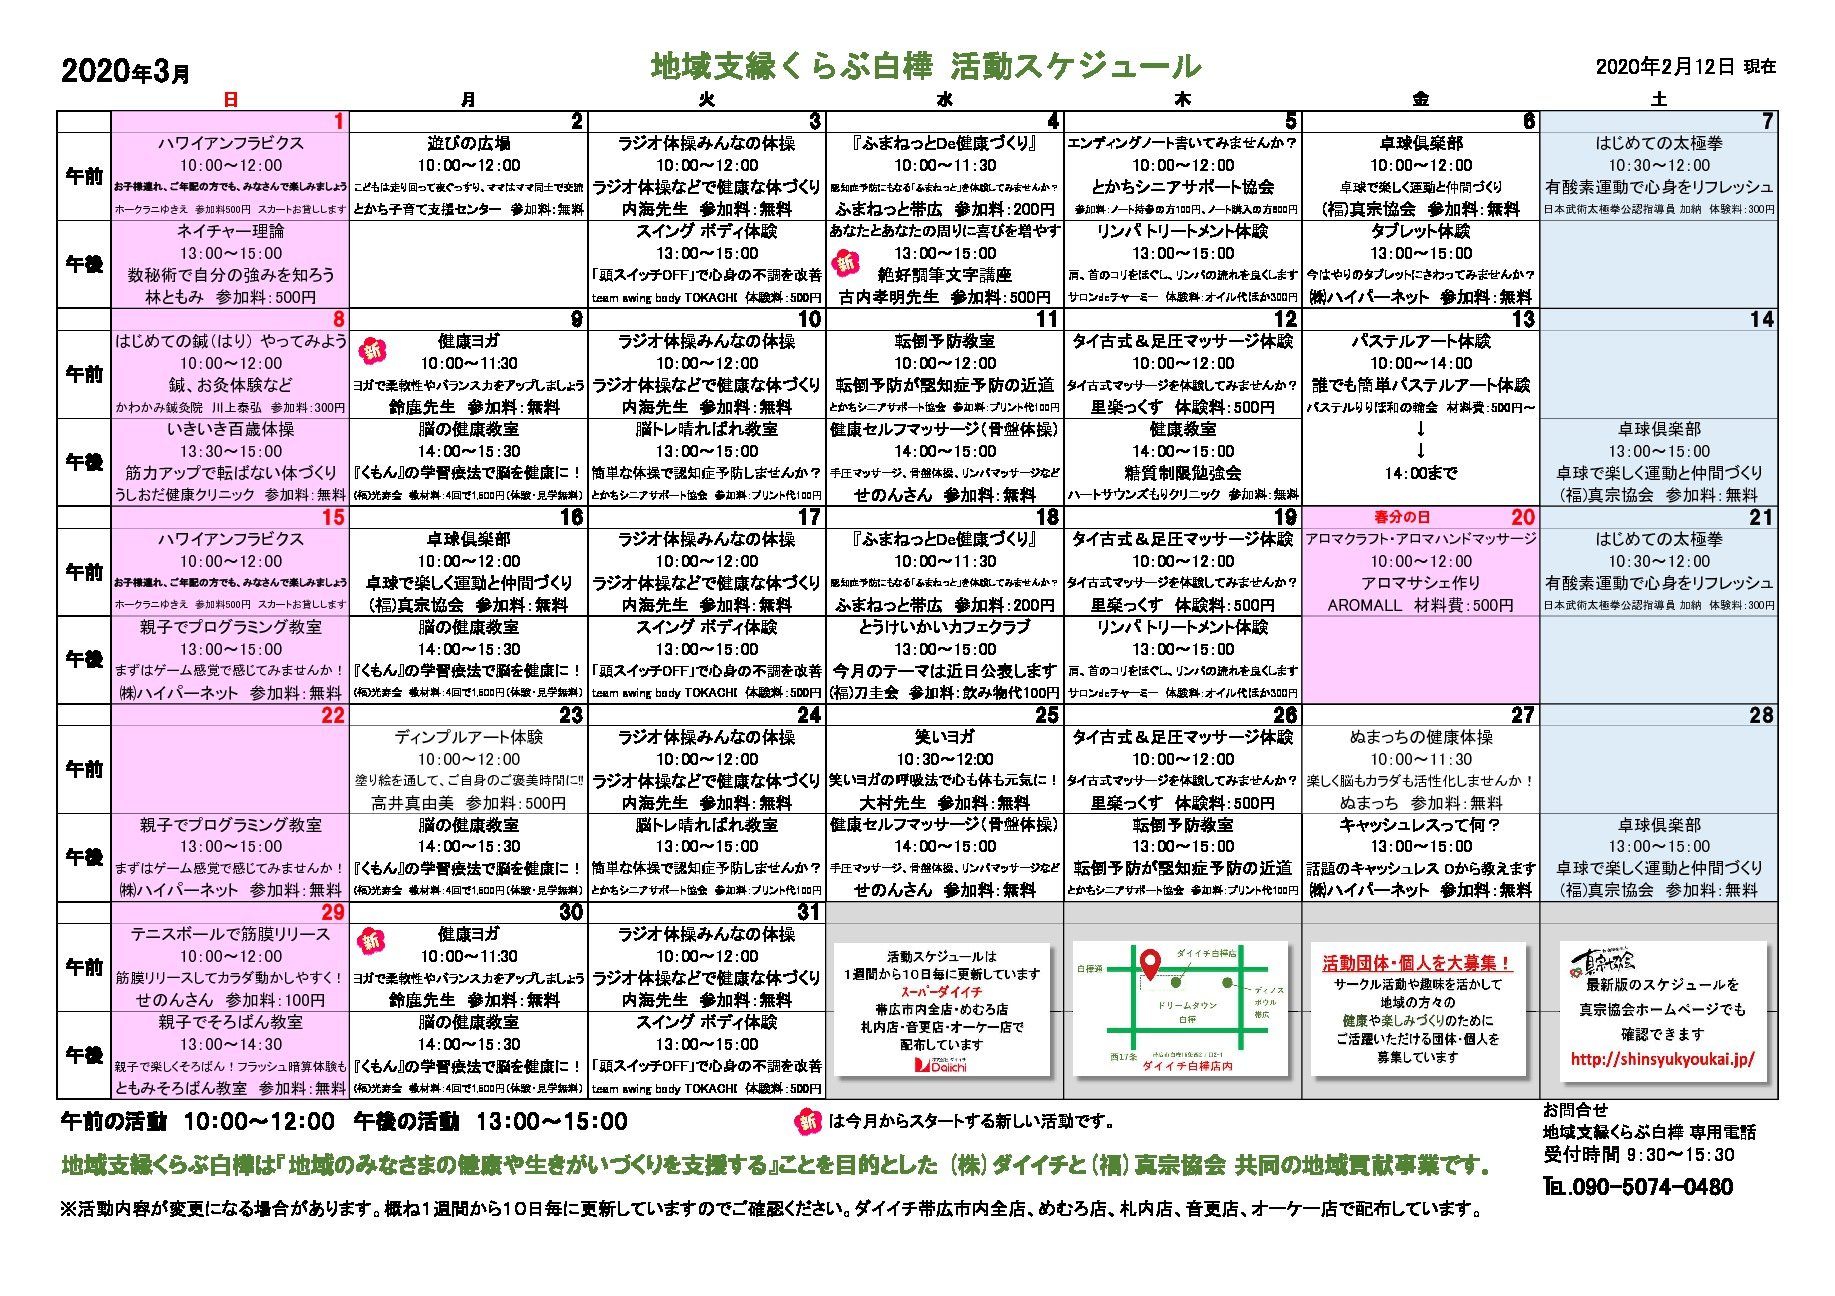 2019活動スケジュール3(2020.2.12付)のサムネイル